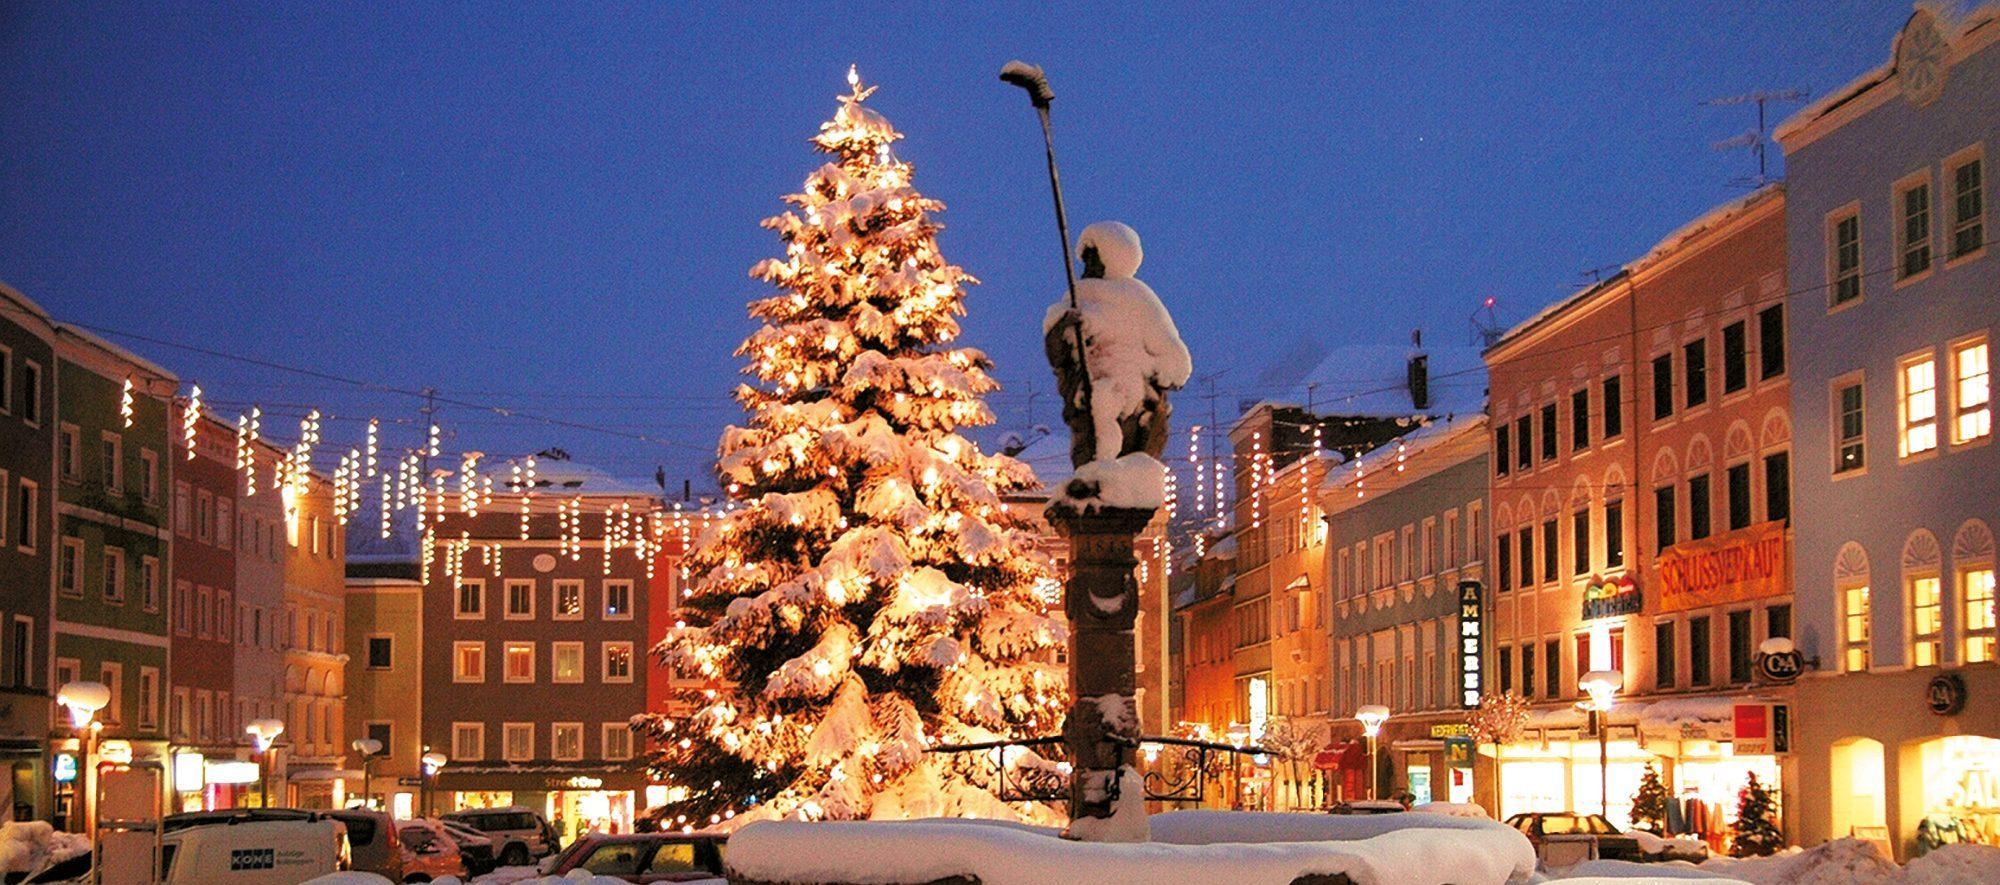 Schnee am Hauptplatz in Ried